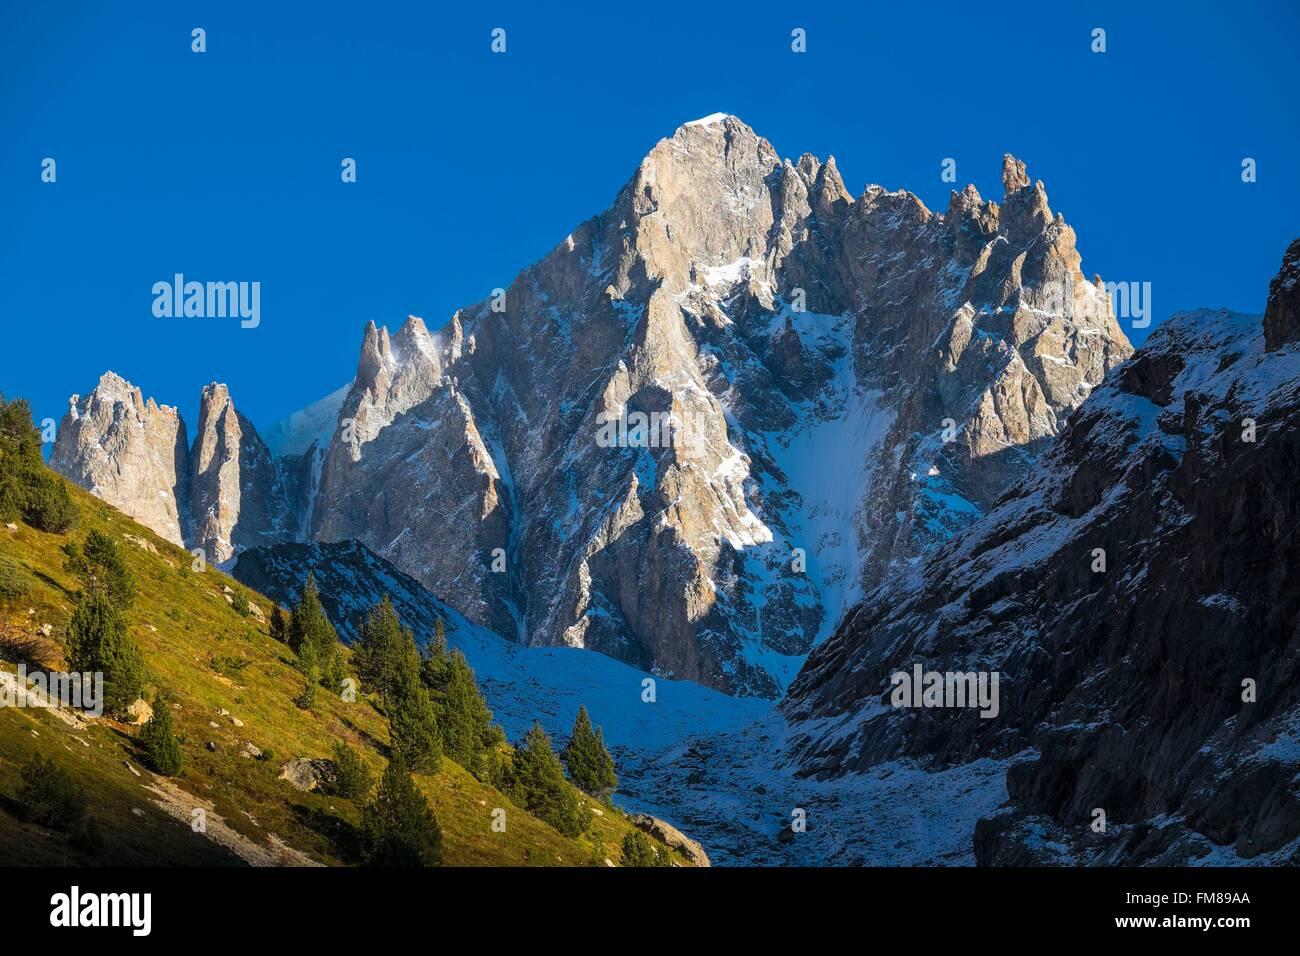 France, Isere, Ecrins National Park, Saint Christophe en Oisans, Dome de Neige des Ecrins (alt : 4 015 m) - Stock Image